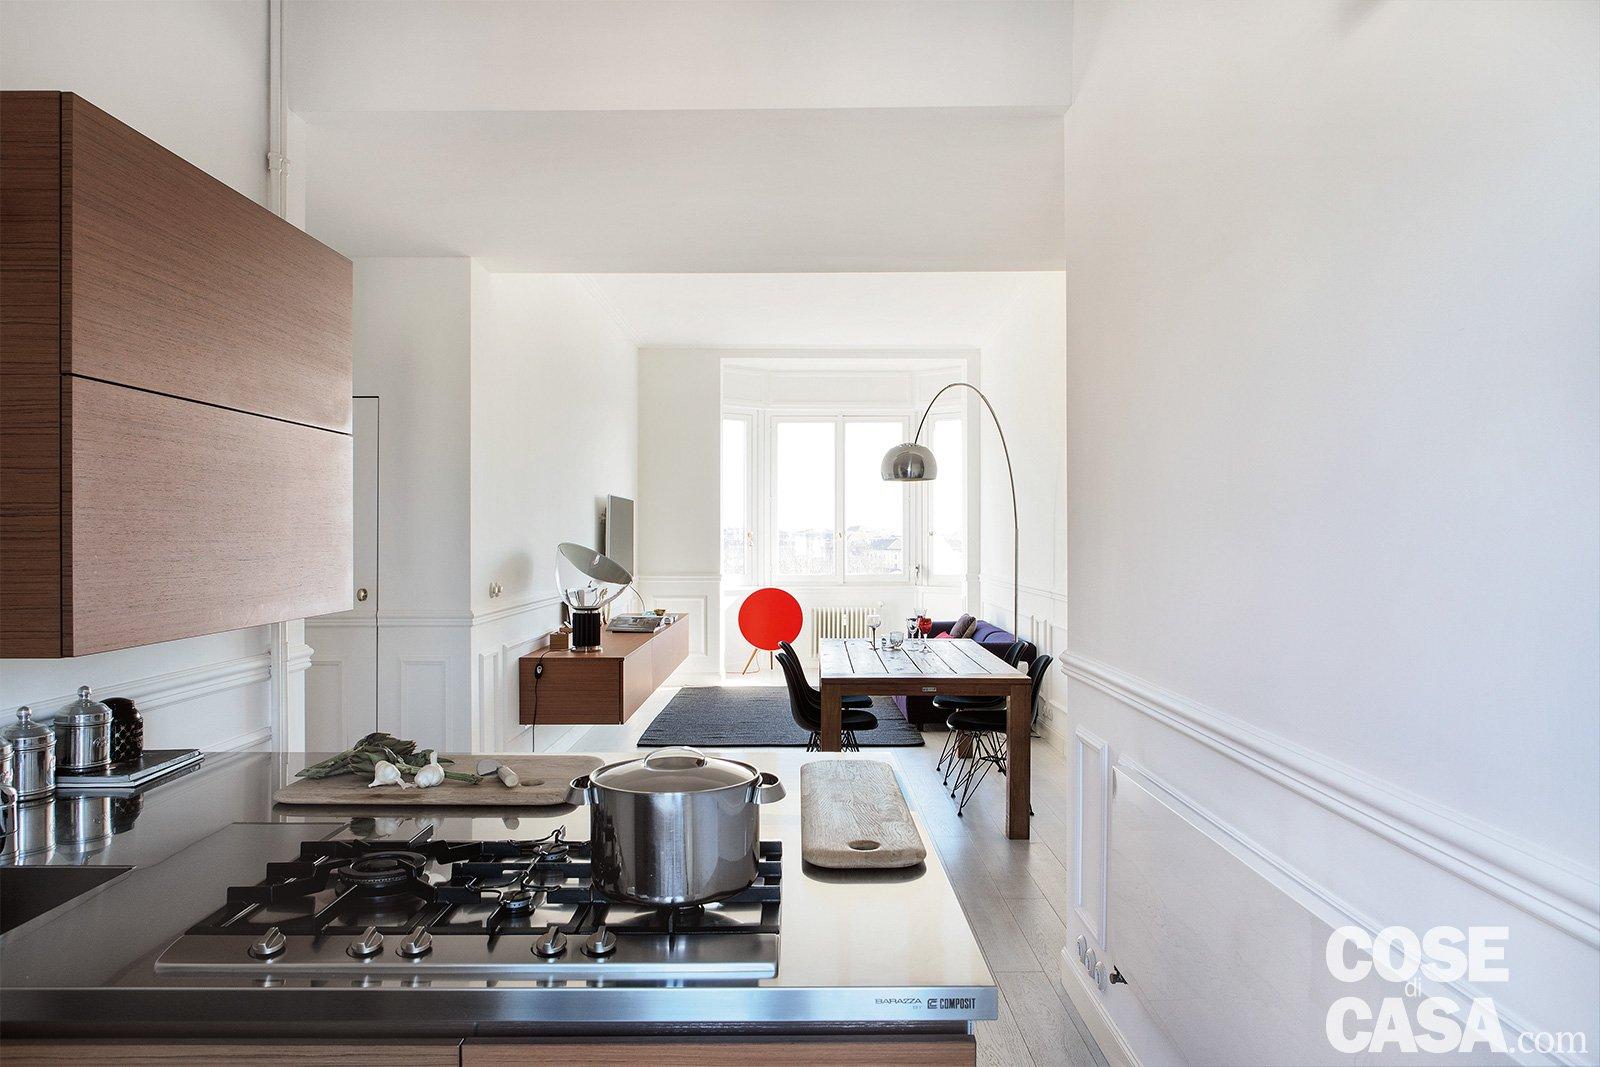 85 mq una casa in stile classico contemporaneo cose di casa for Case in stile contemporaneo in vendita